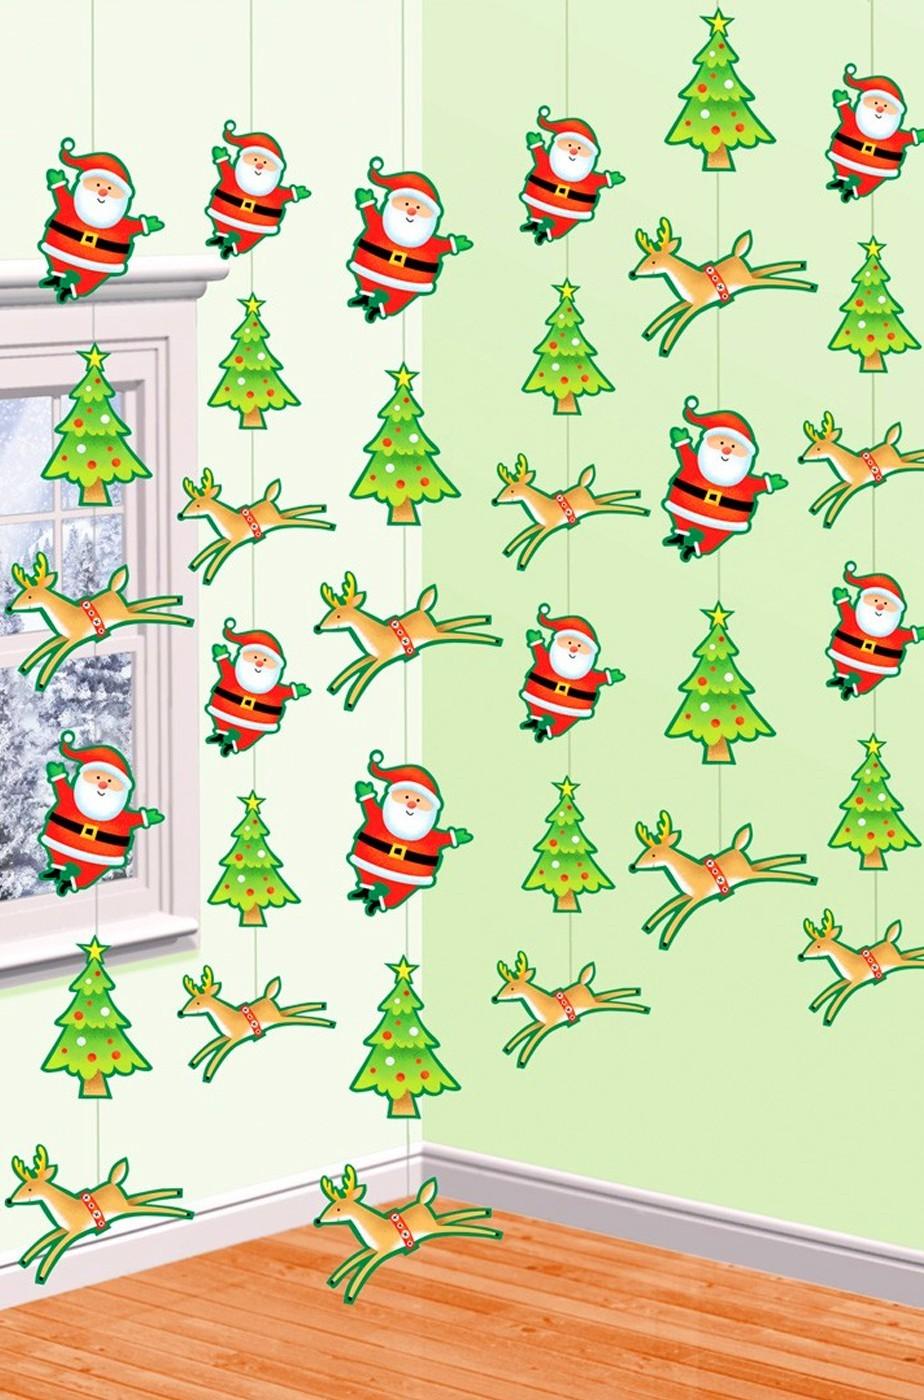 decorazione natalizia  o festone con alberi babbi e renne di natale